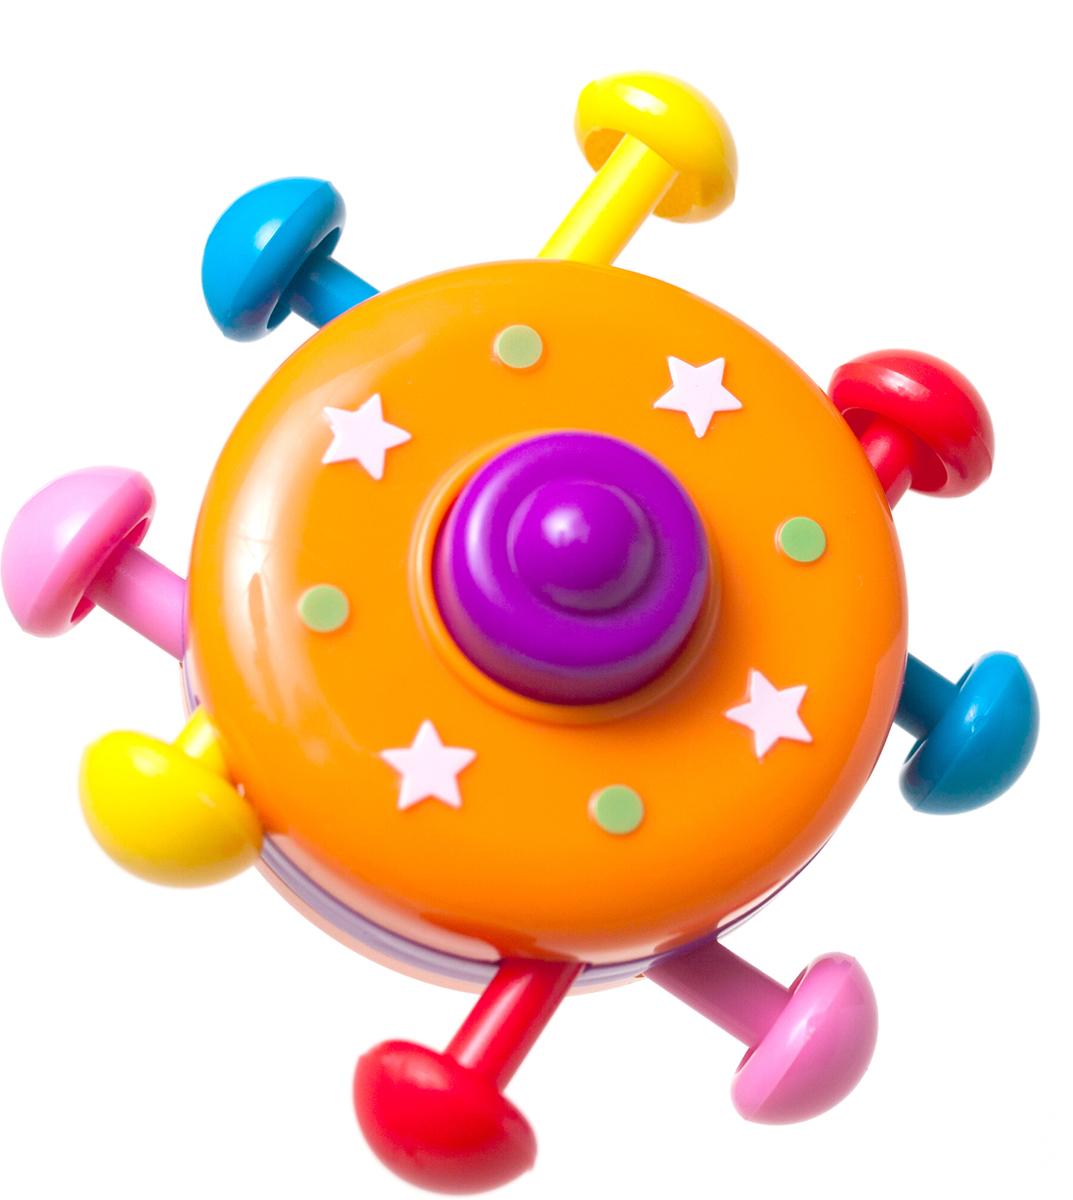 People Развивающая игрушка Тяни-Толкай иллюзия я или игры в которые играет с нами мозг